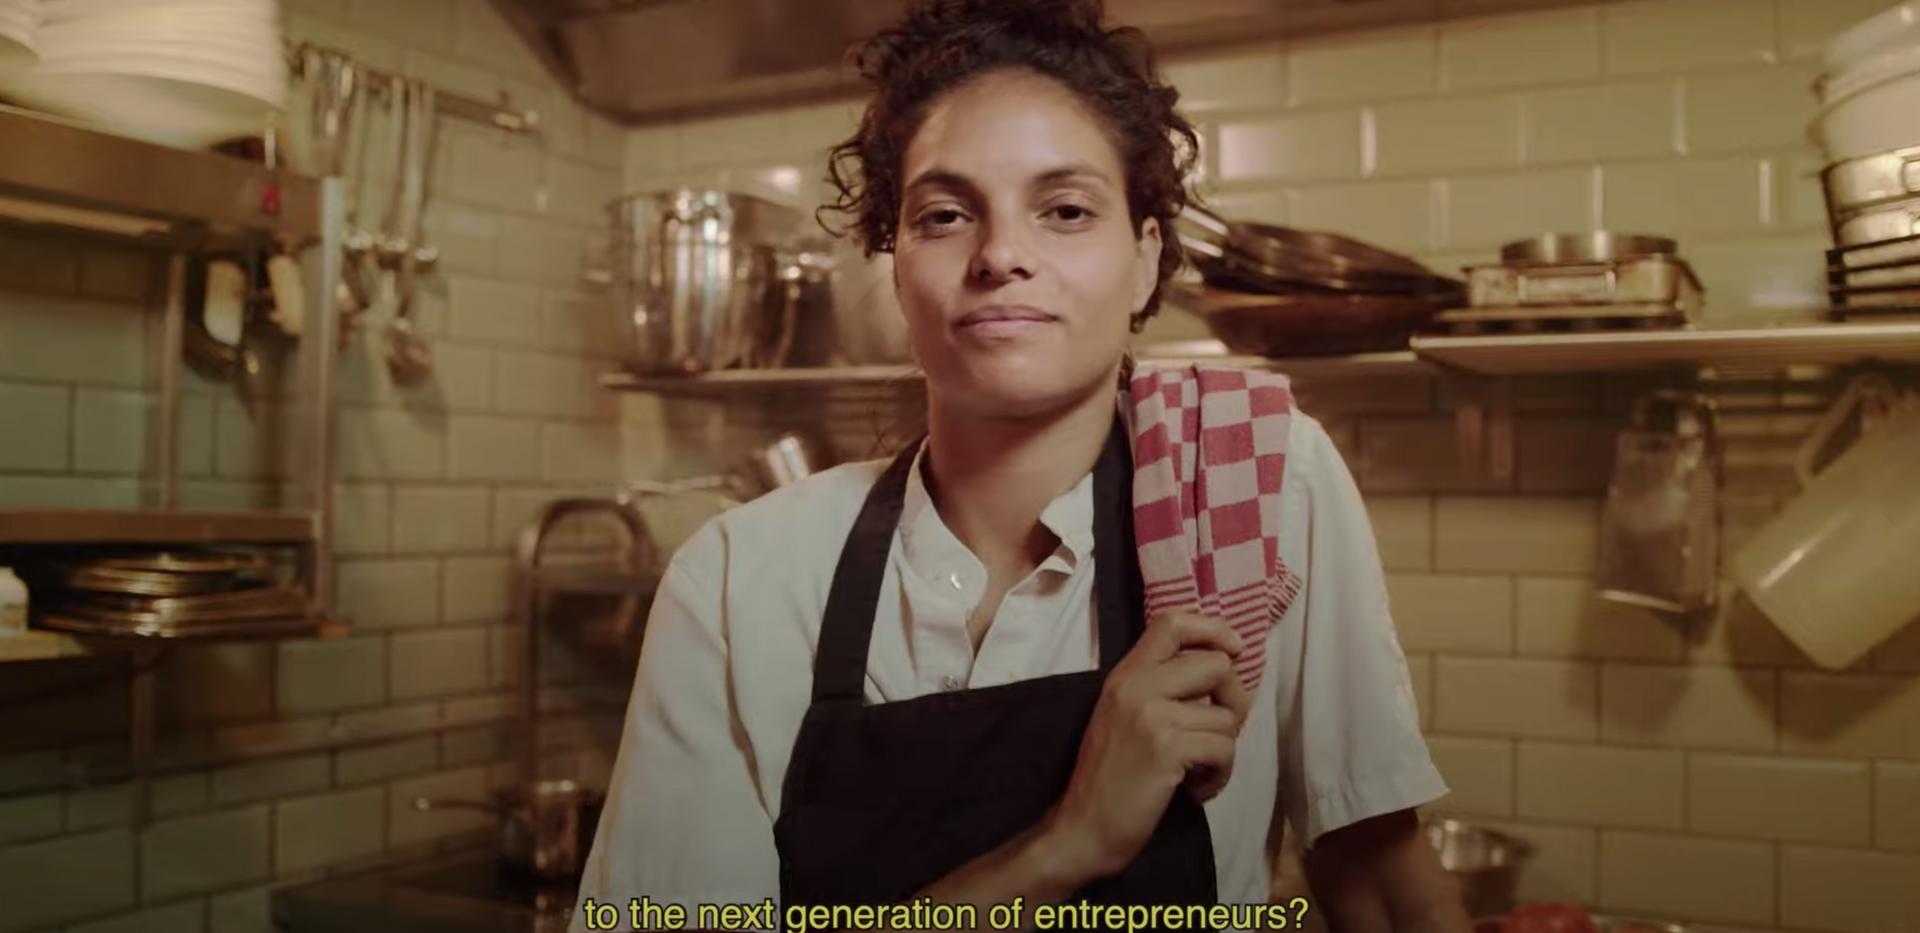 Entrepreneurship - TRENDSHIP 2020